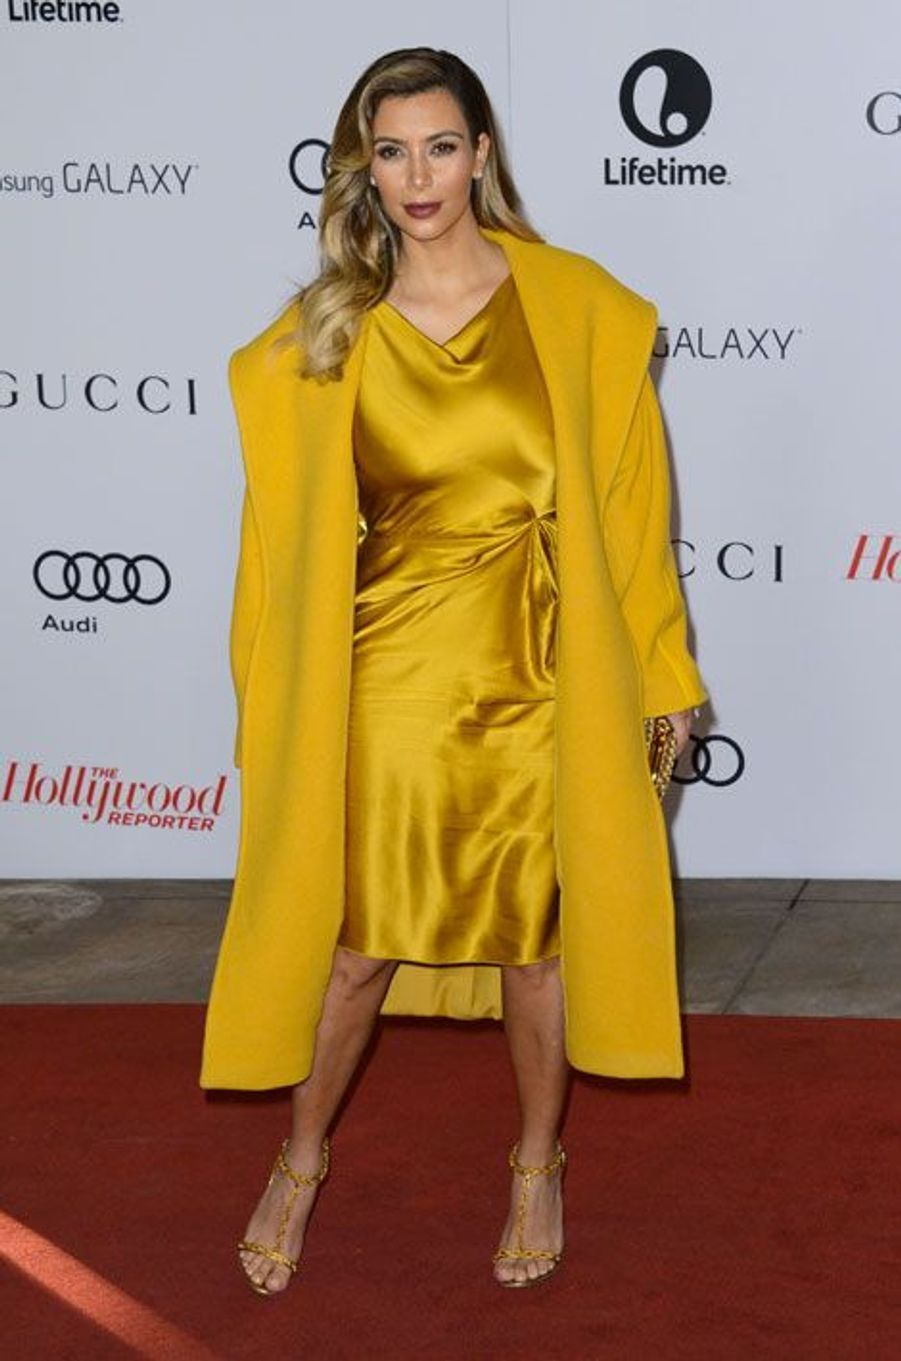 La star de la téléréalité Kim Kardashian lors d'une soirée à Beverly Hills, le 11 décembre 2013